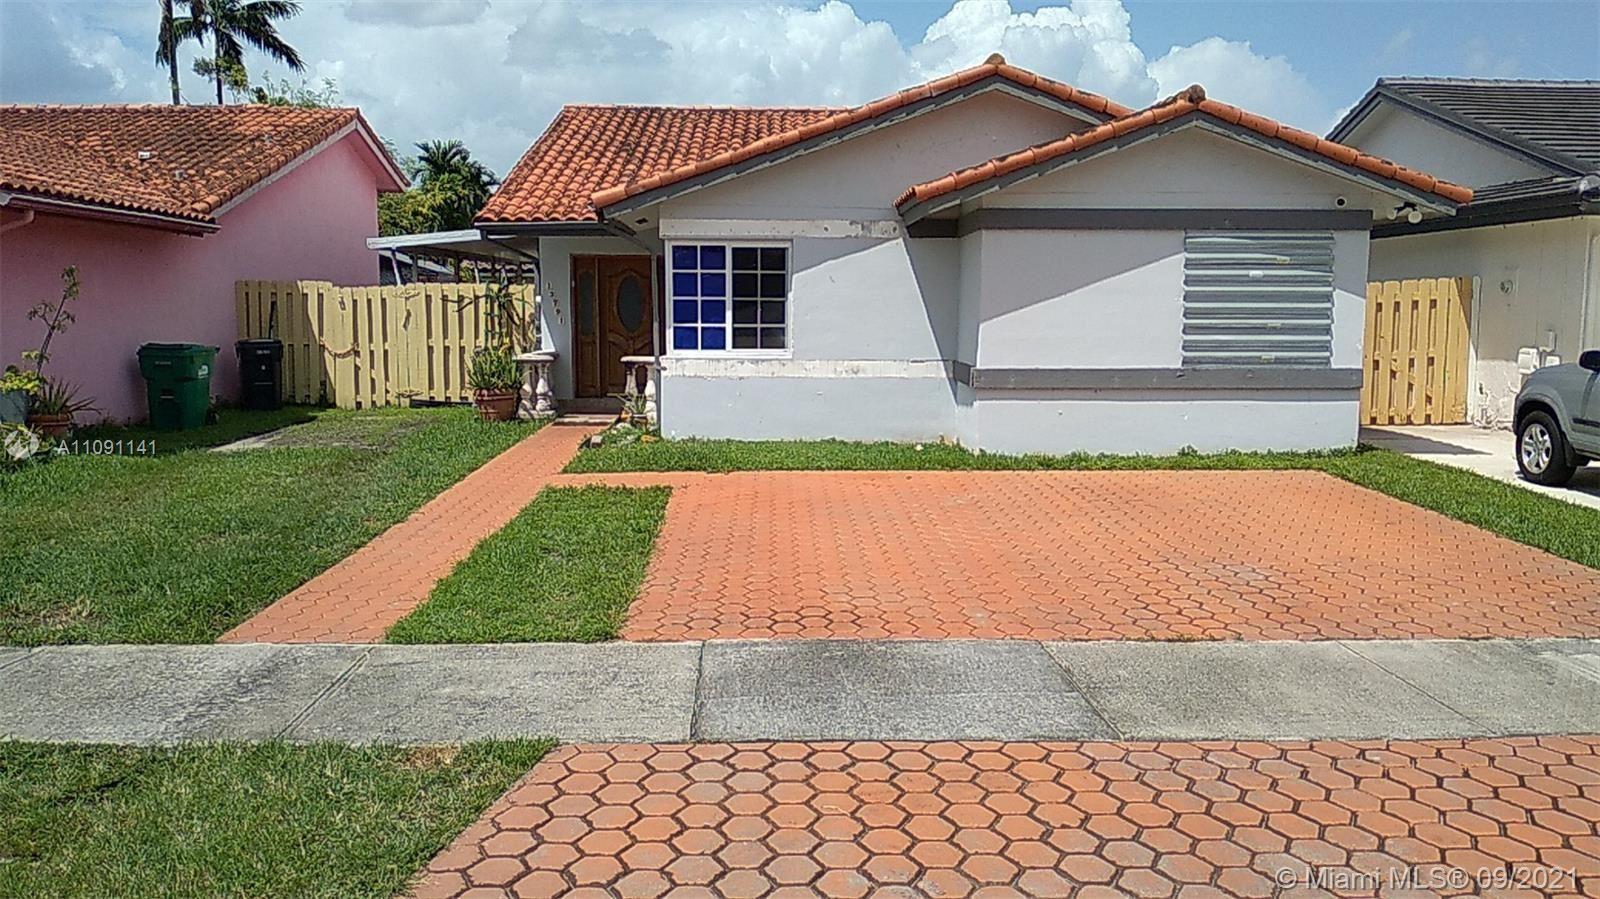 13791 SW 21st Ter, Miami, FL 33175 - #: A11091141